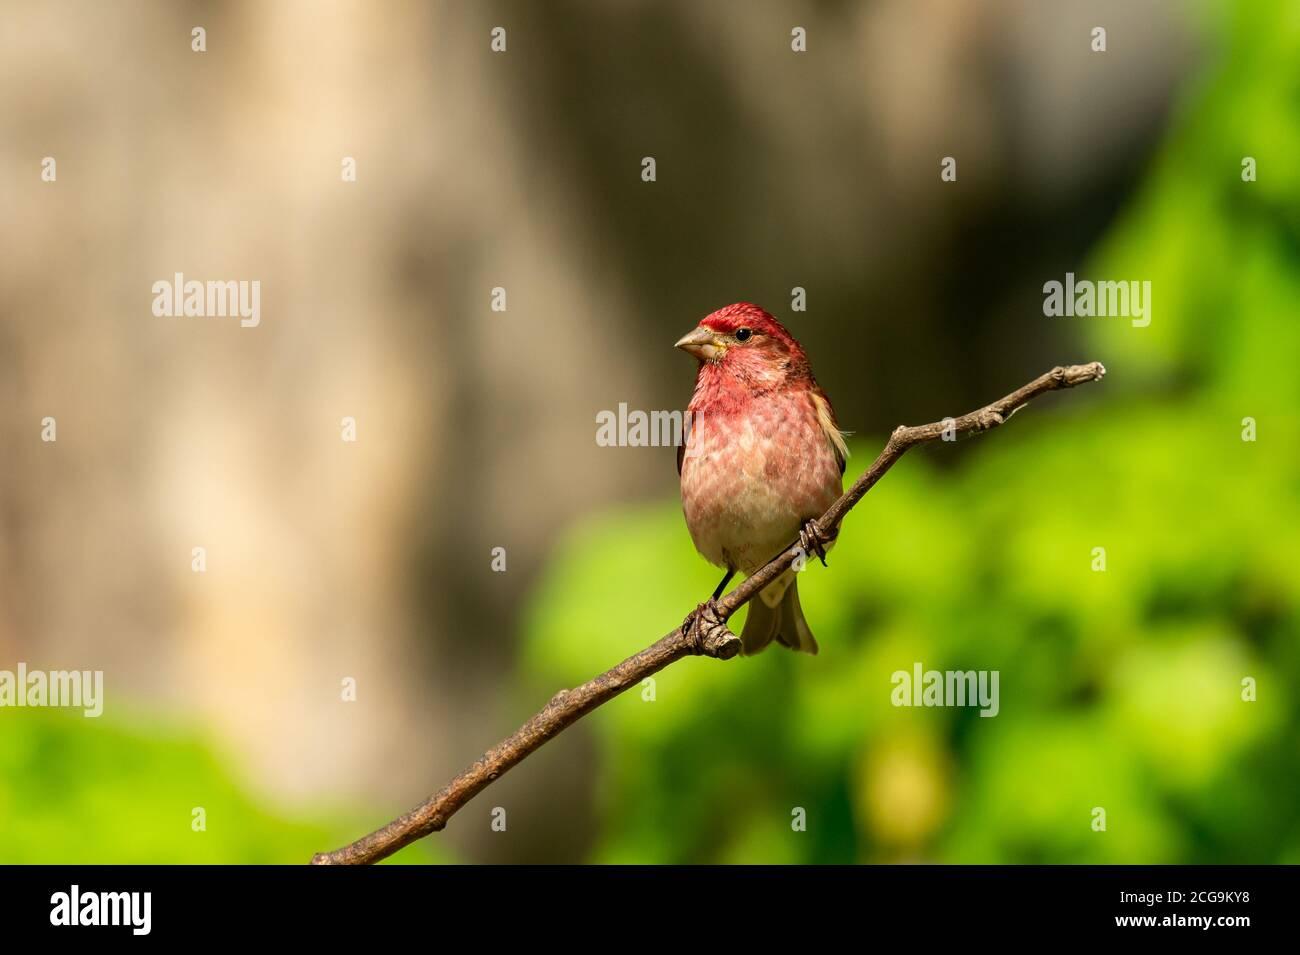 Rosy in my backyard Stock Photo